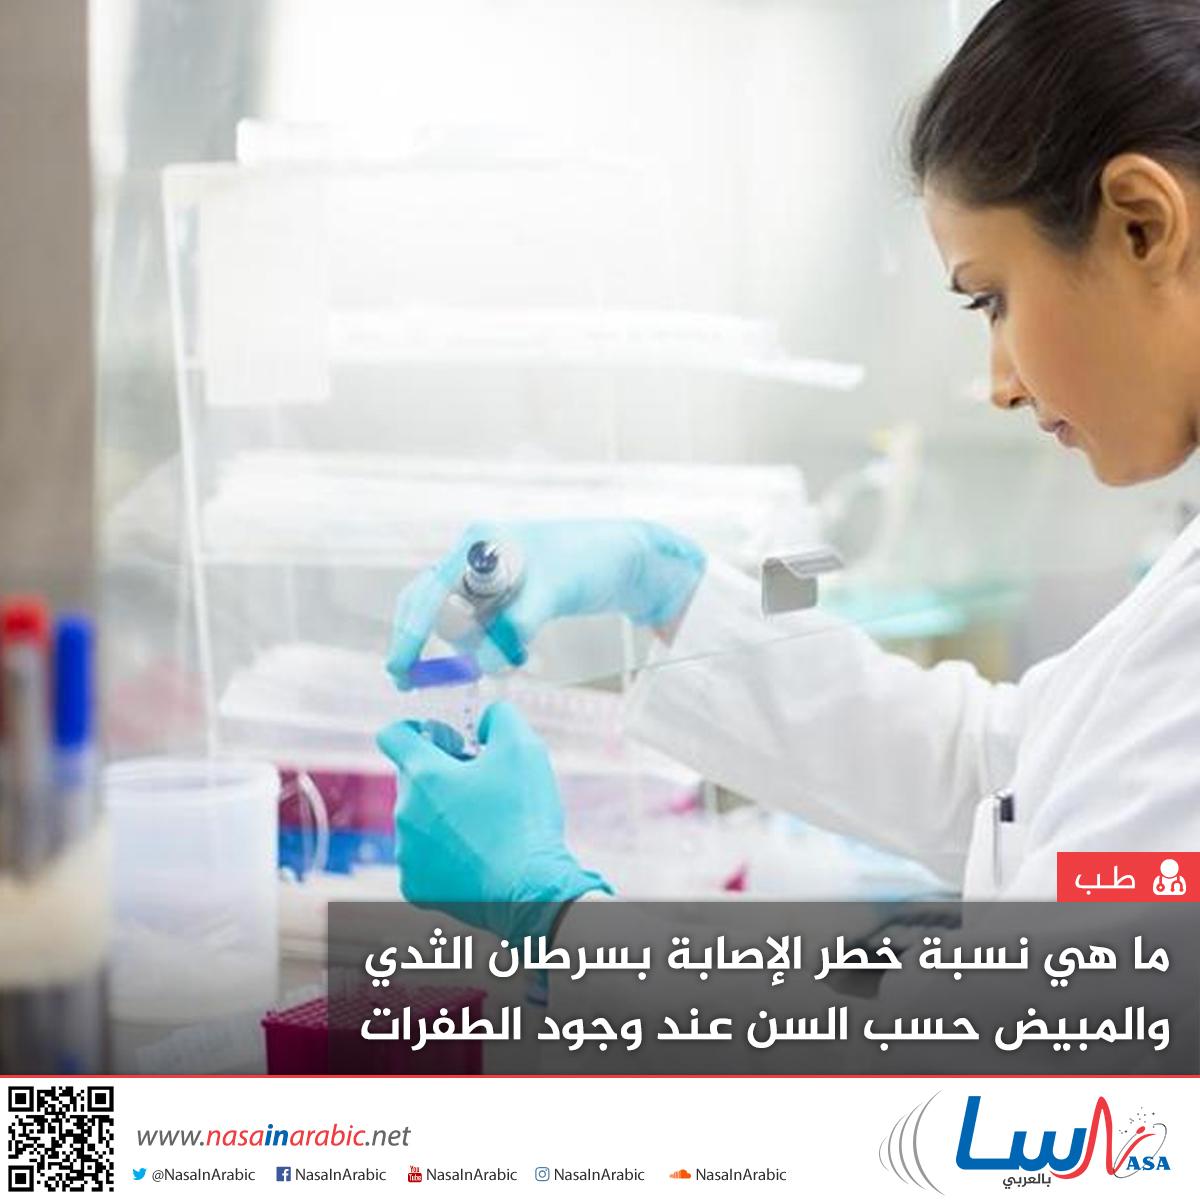 ما هي نسبة خطر الإصابة بسرطان الثدي والمبيض حسب السن عند وجود الطفرات الجينية BRCA1/2